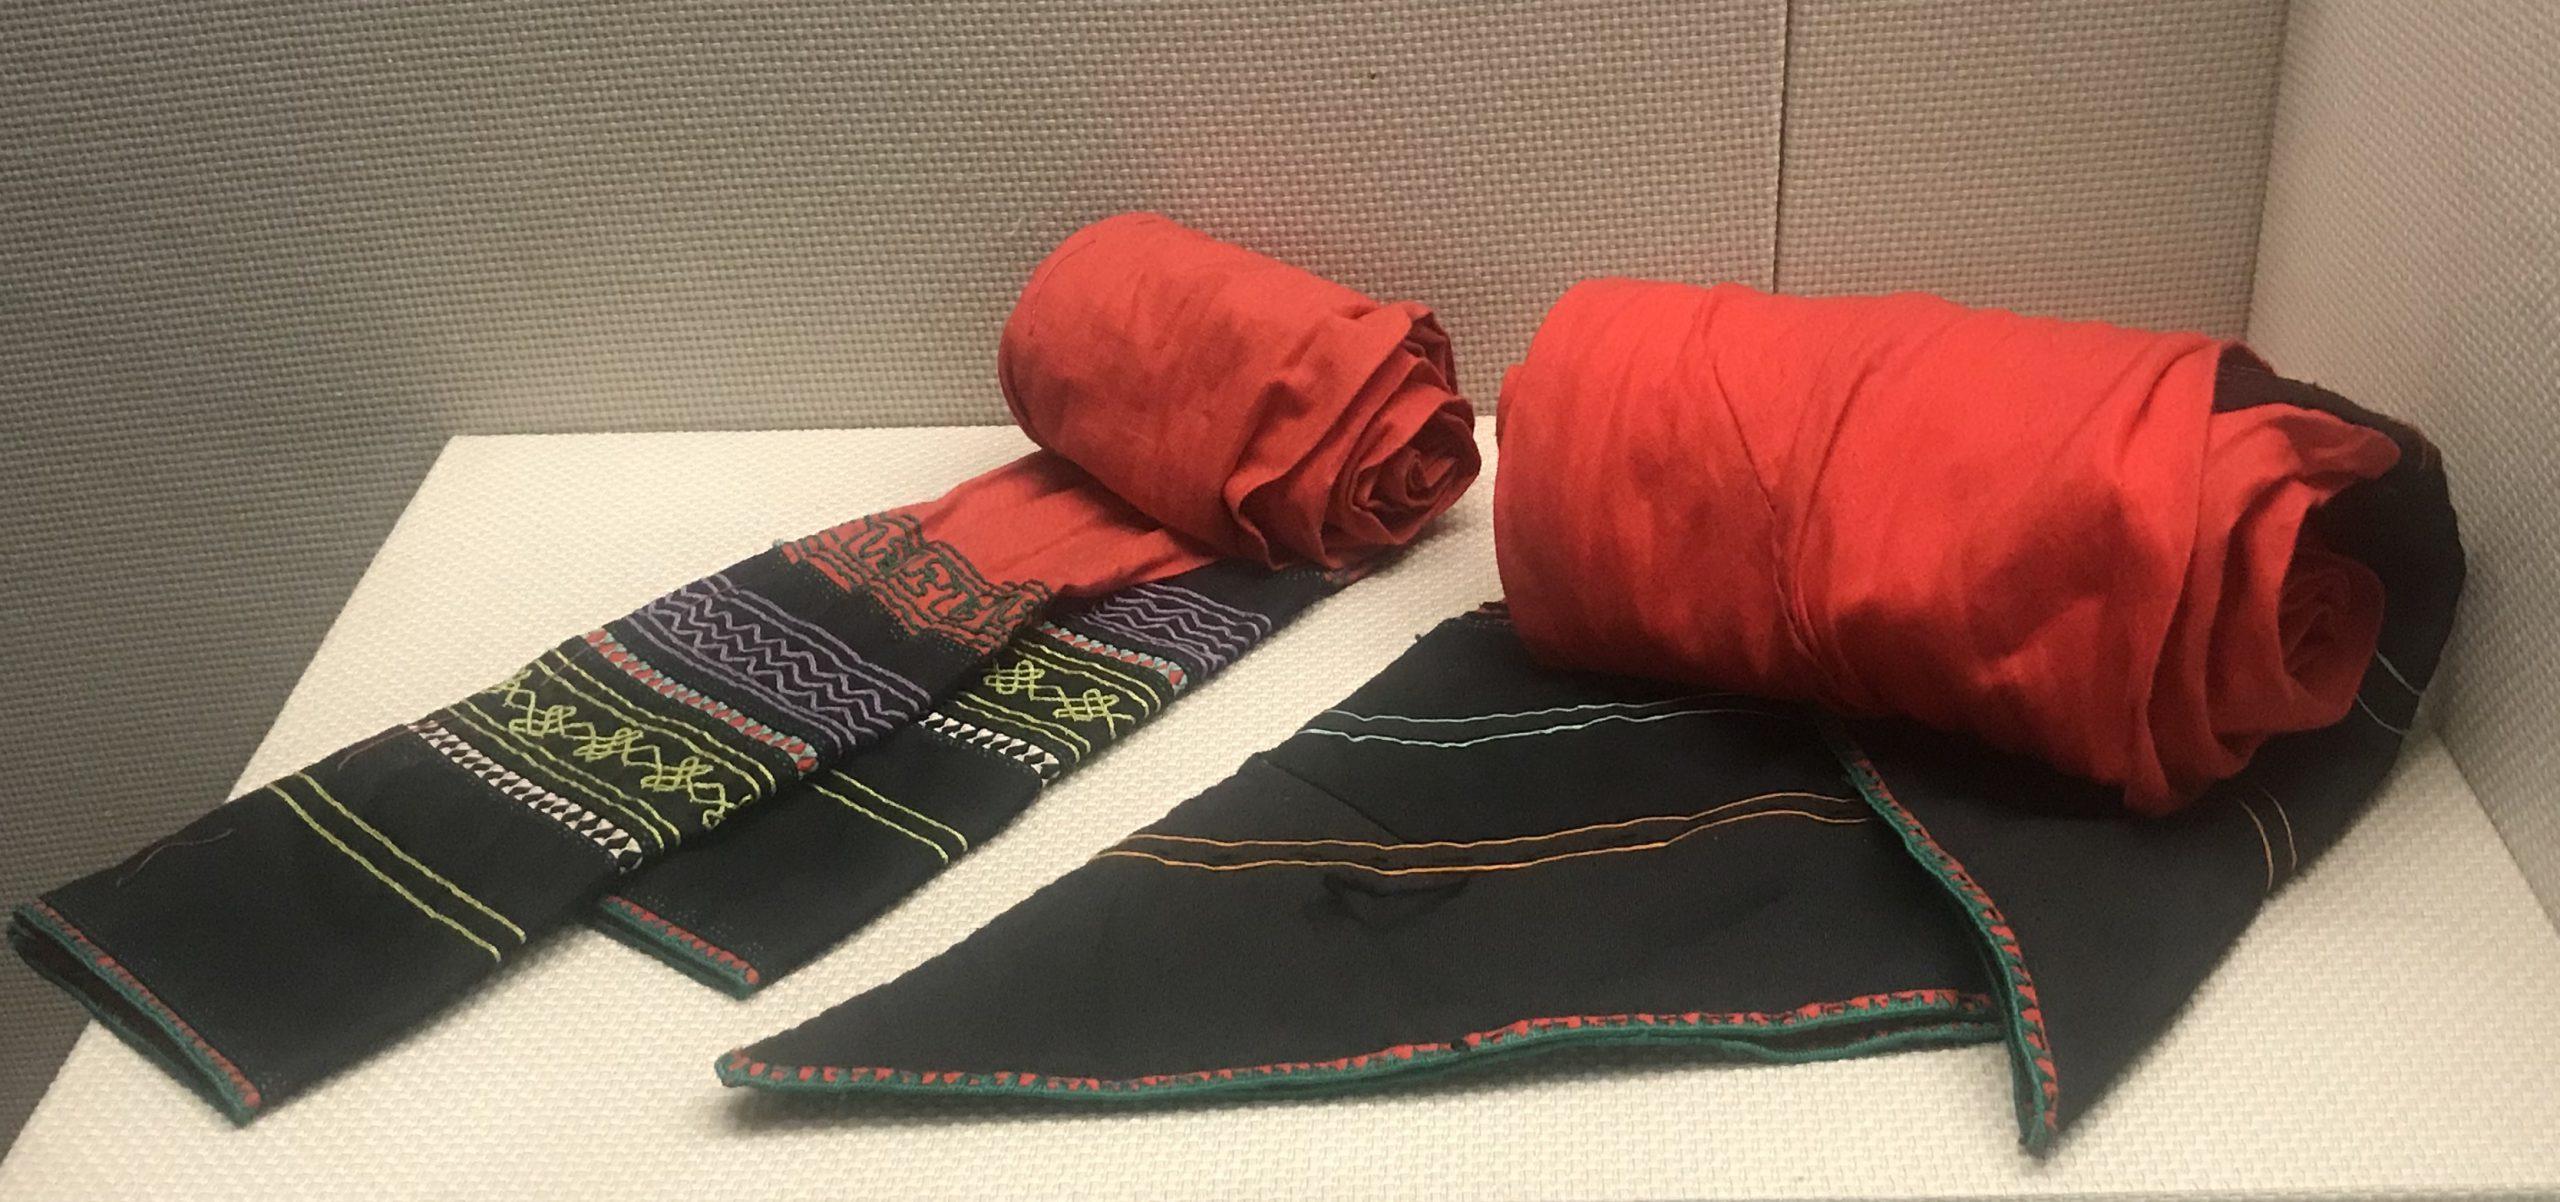 男式挑紮花腰帶-女式挑紮花腰帶-彜族衣装-四川民族文物館-四川博物館-成都